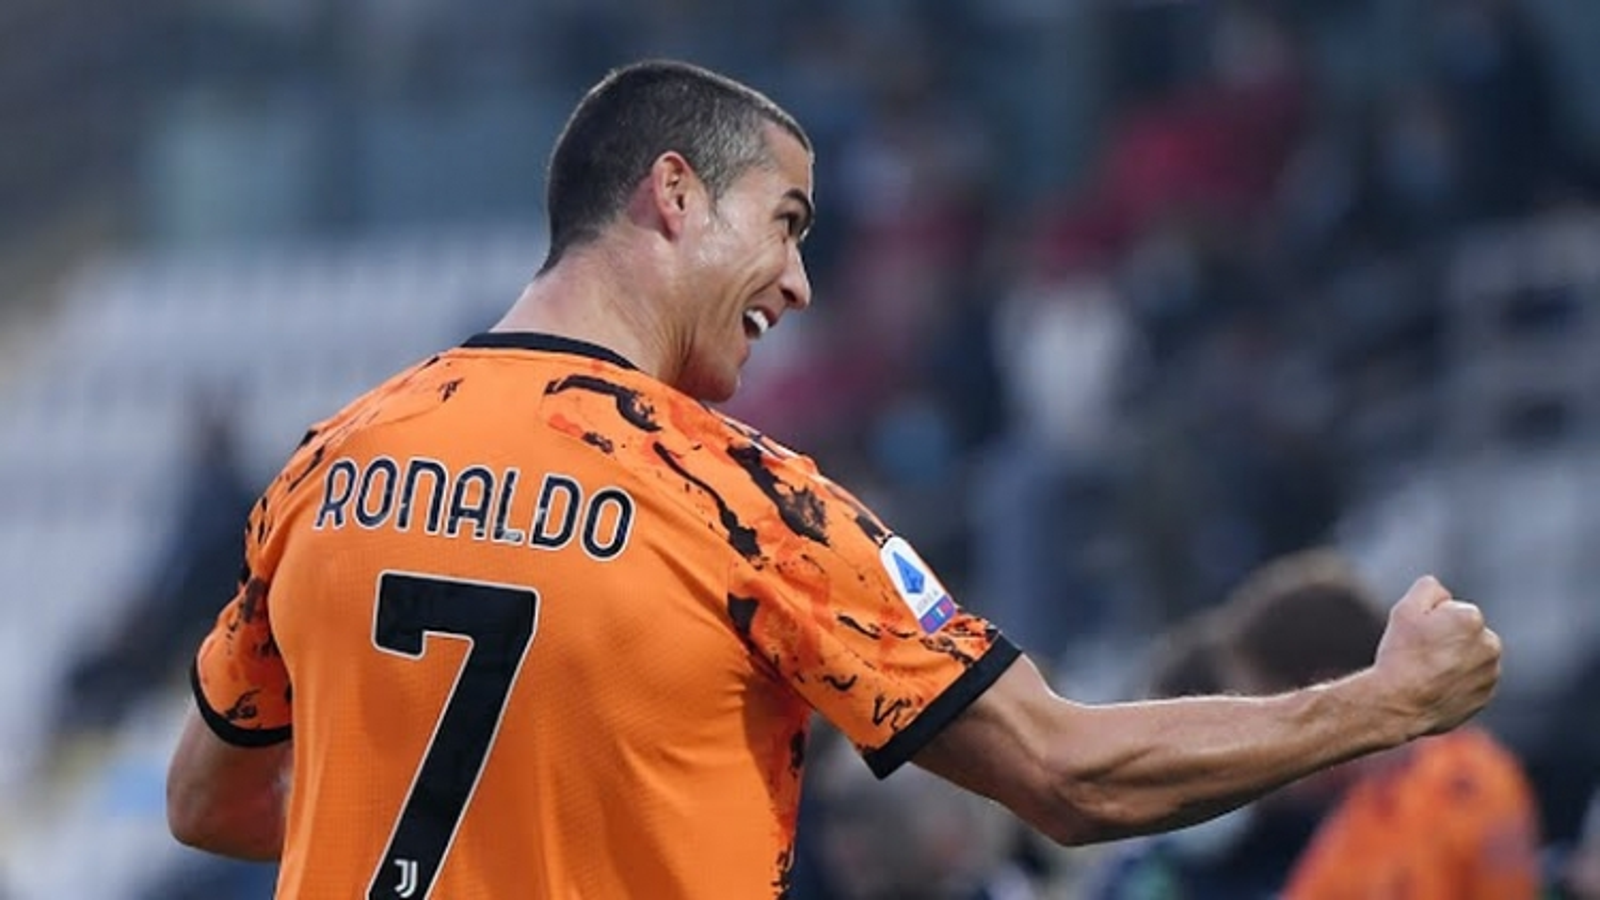 Spezia 1-4 Juventus: Màn tái xuất hoành tráng của Cristiano Ronaldo